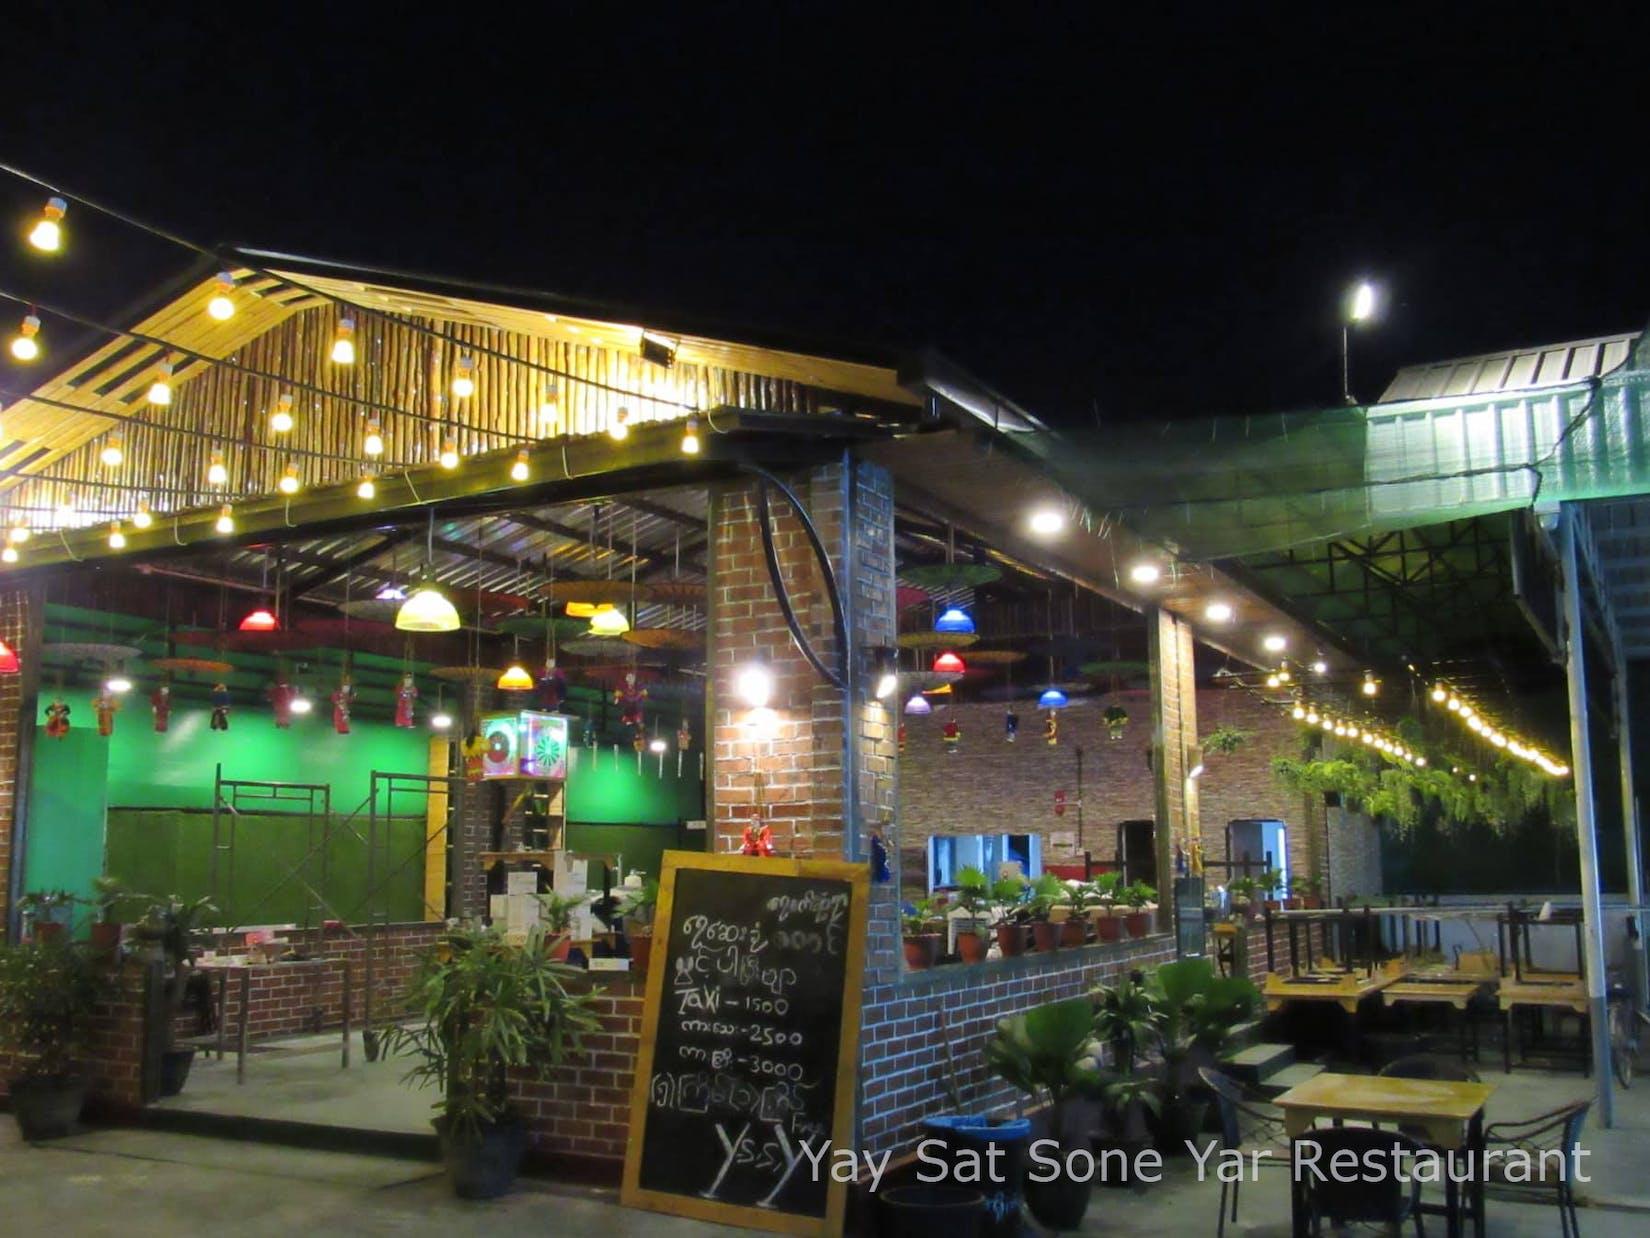 Yay Sat Sone Yar Restaurant   yathar